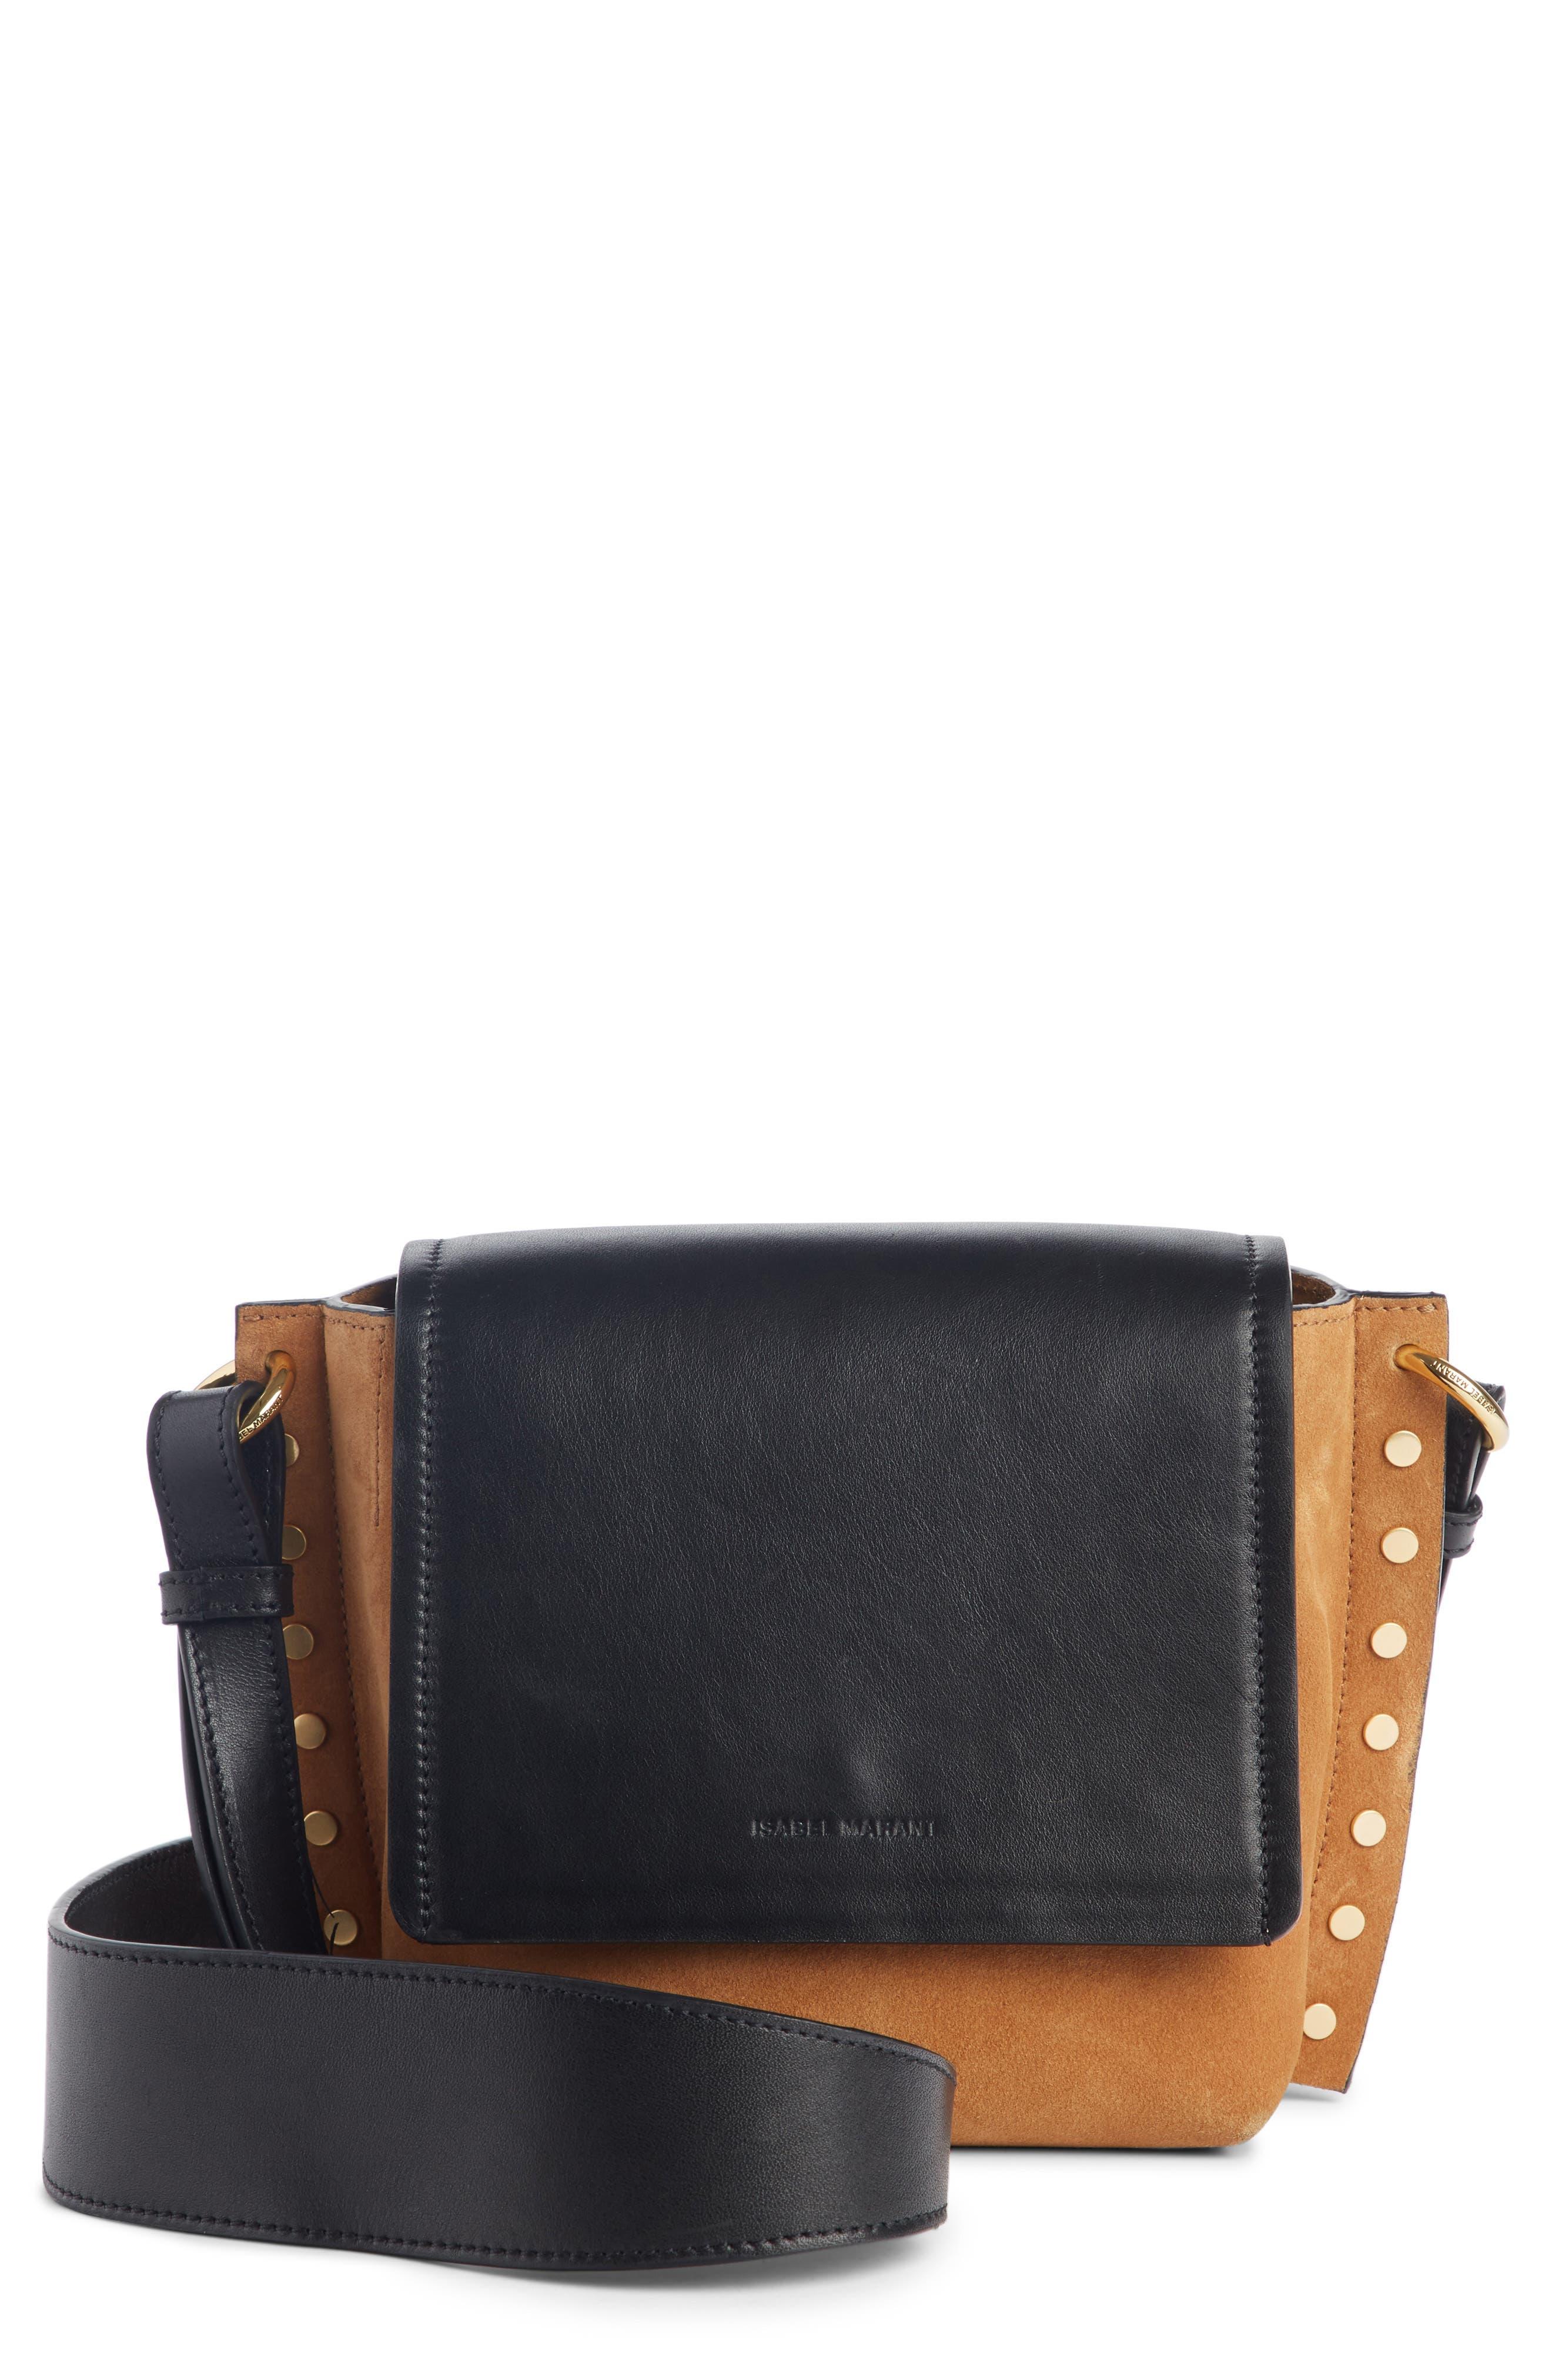 Kleny Colorblock Leather & Suede Shoulder Bag,                         Main,                         color, CAMEL